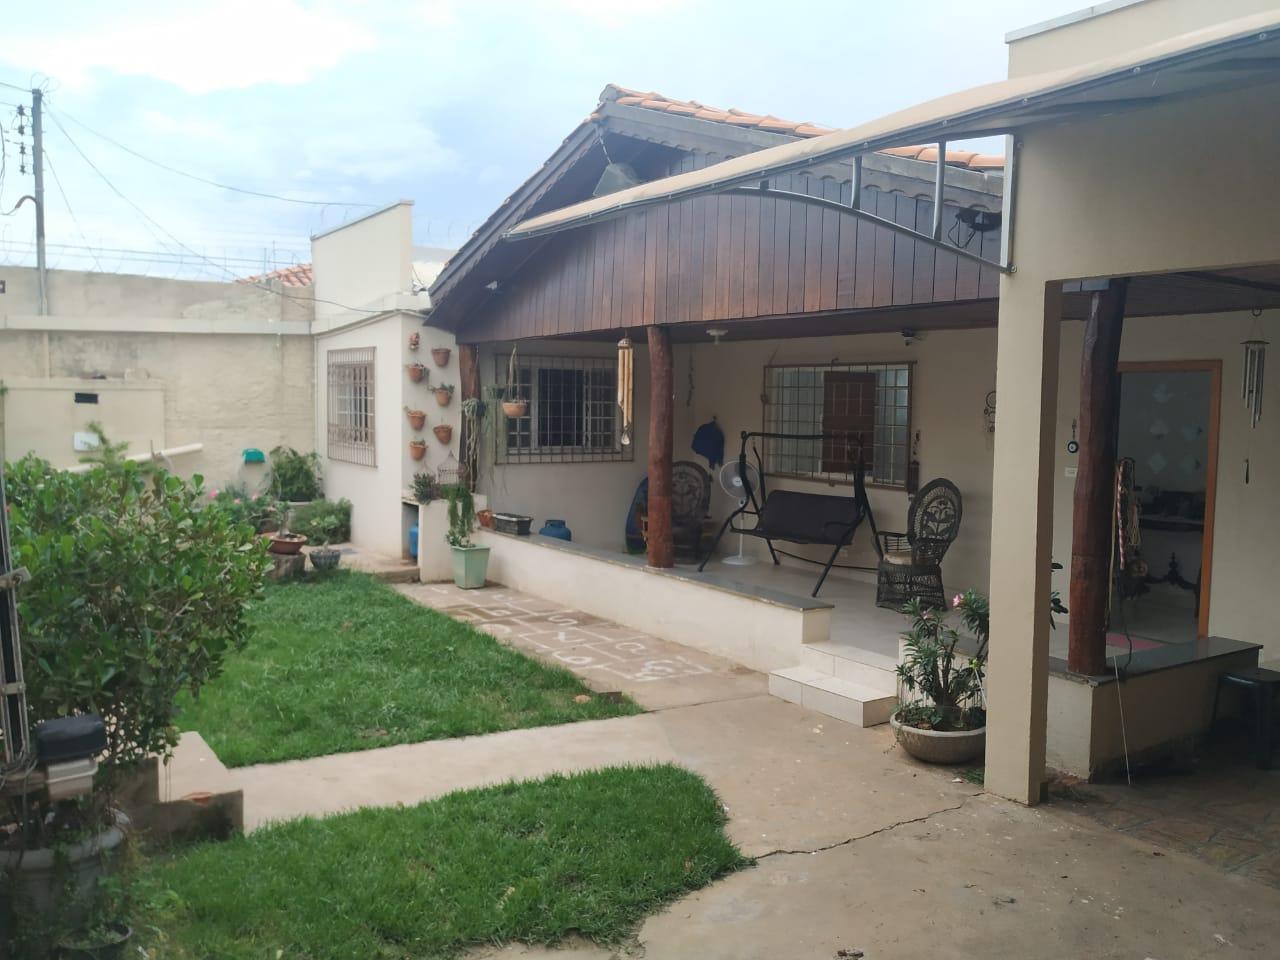 Casa à venda,  com 4 quartos sendo 1 suite no JARDIM TROPICAL em Cuiabá MT 101 12638